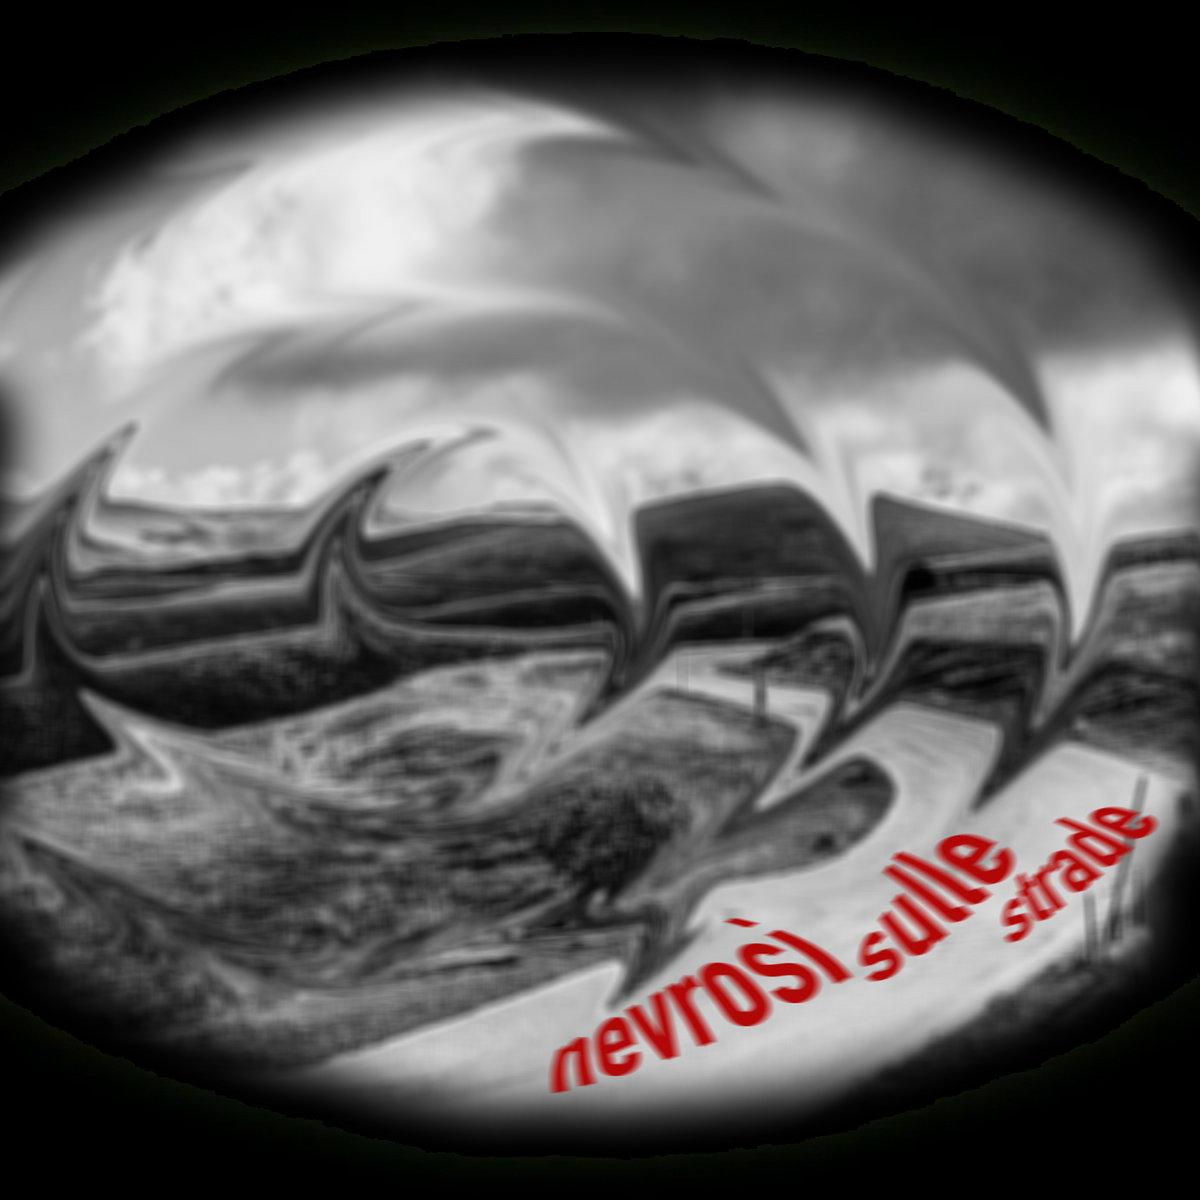 Nevrosi Sulle Strade by Morricone 90